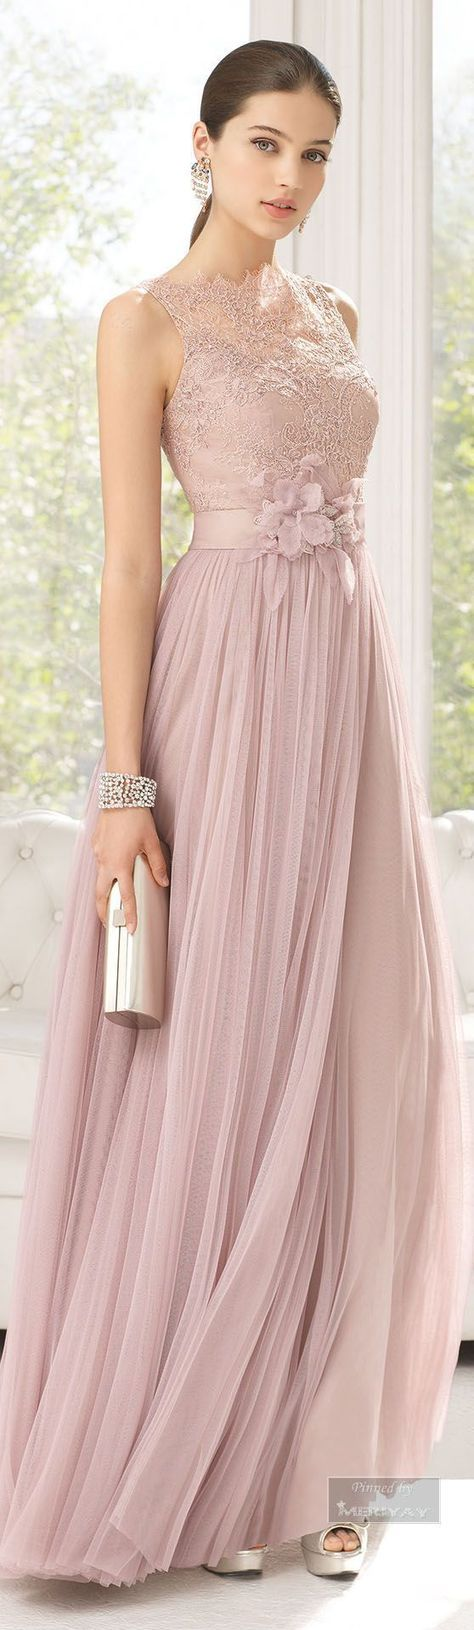 Inspirações super lindas para ajudar as madrinhas a escolherem seu vestido. Rosa é uma ótima pedida!